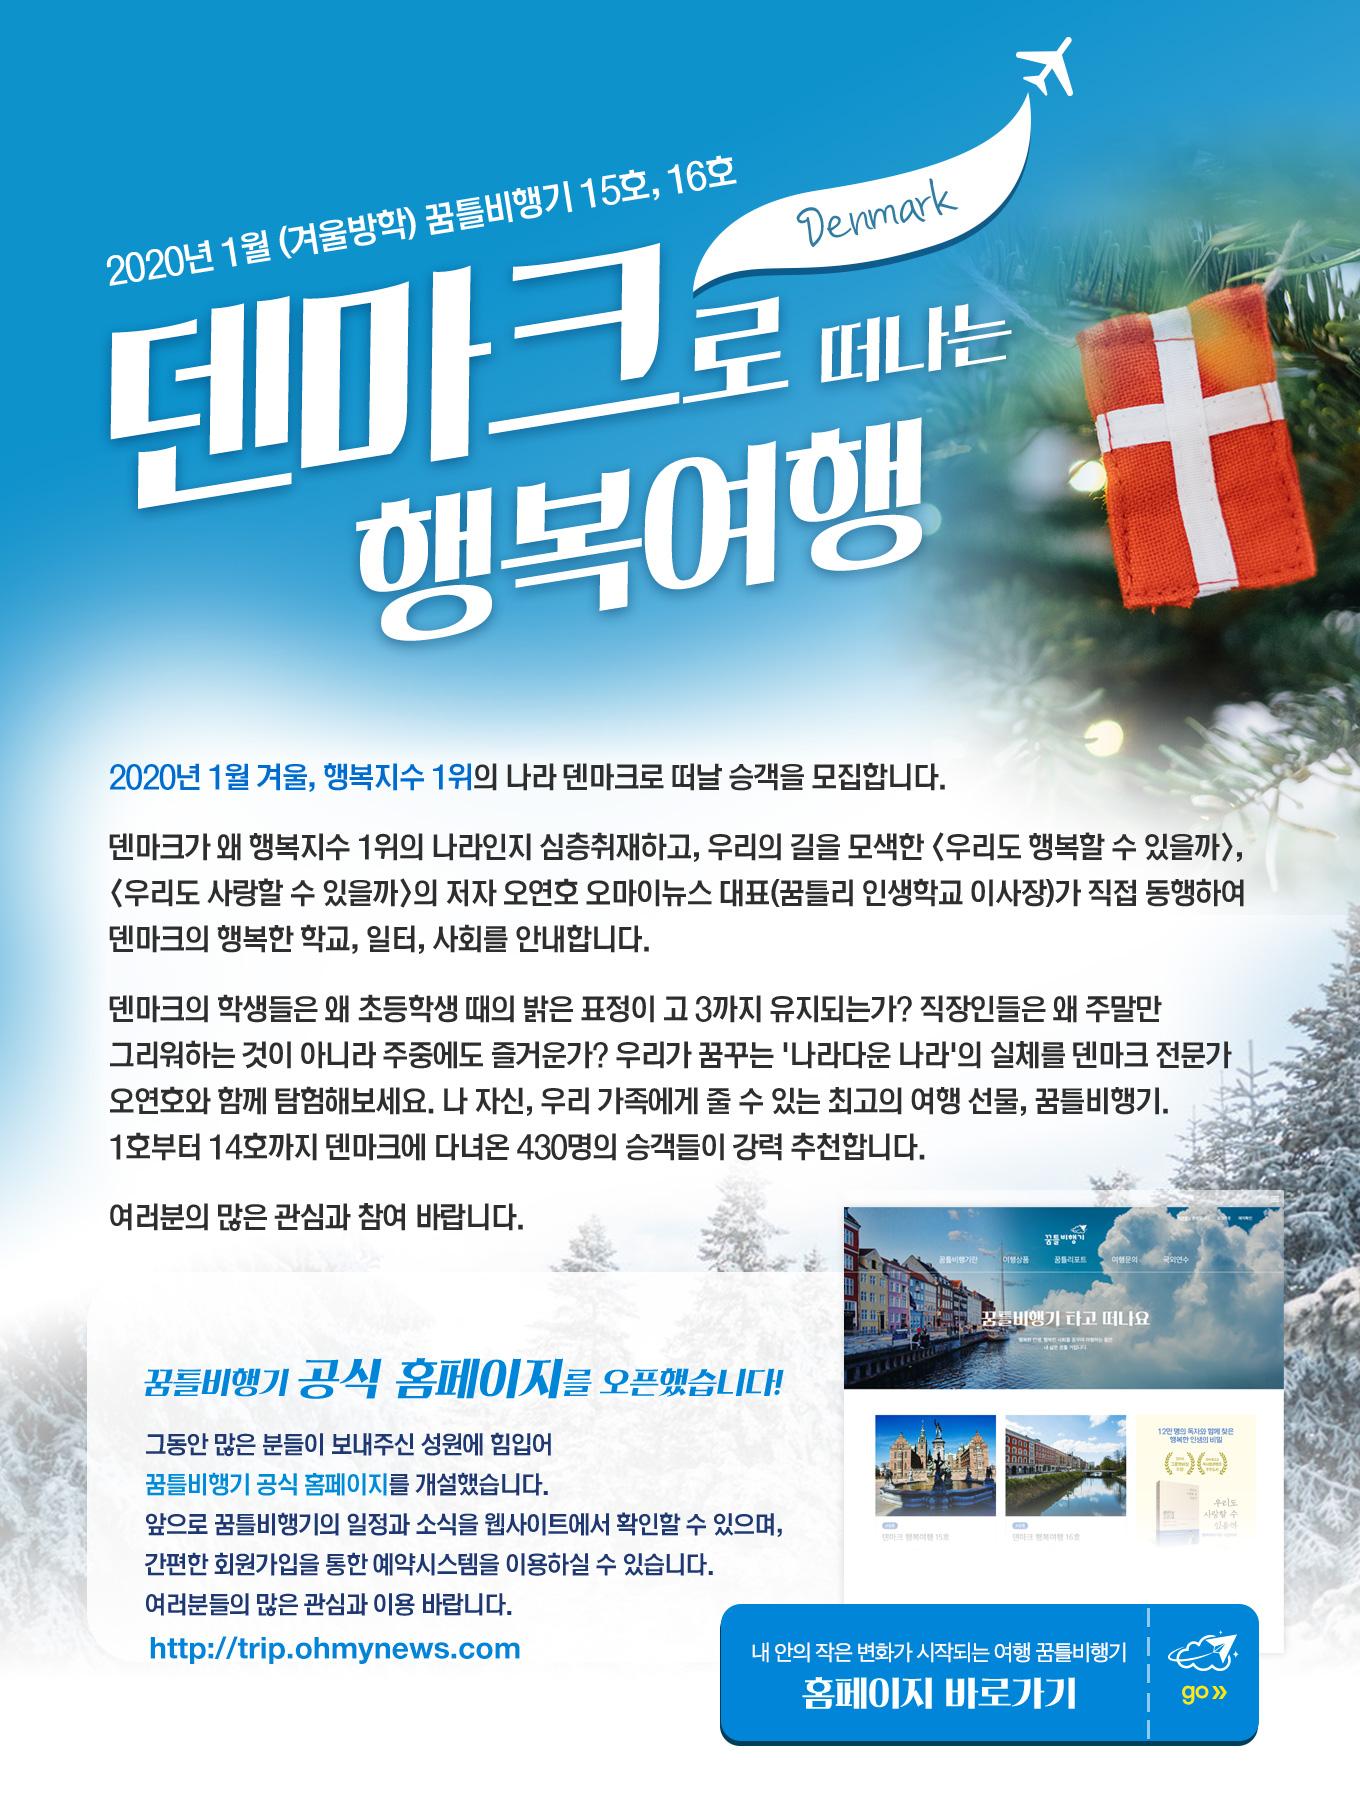 2020년 1월 겨울방학 꿈틀비행기 15, 16호, 덴마크로 떠나는 행복여행